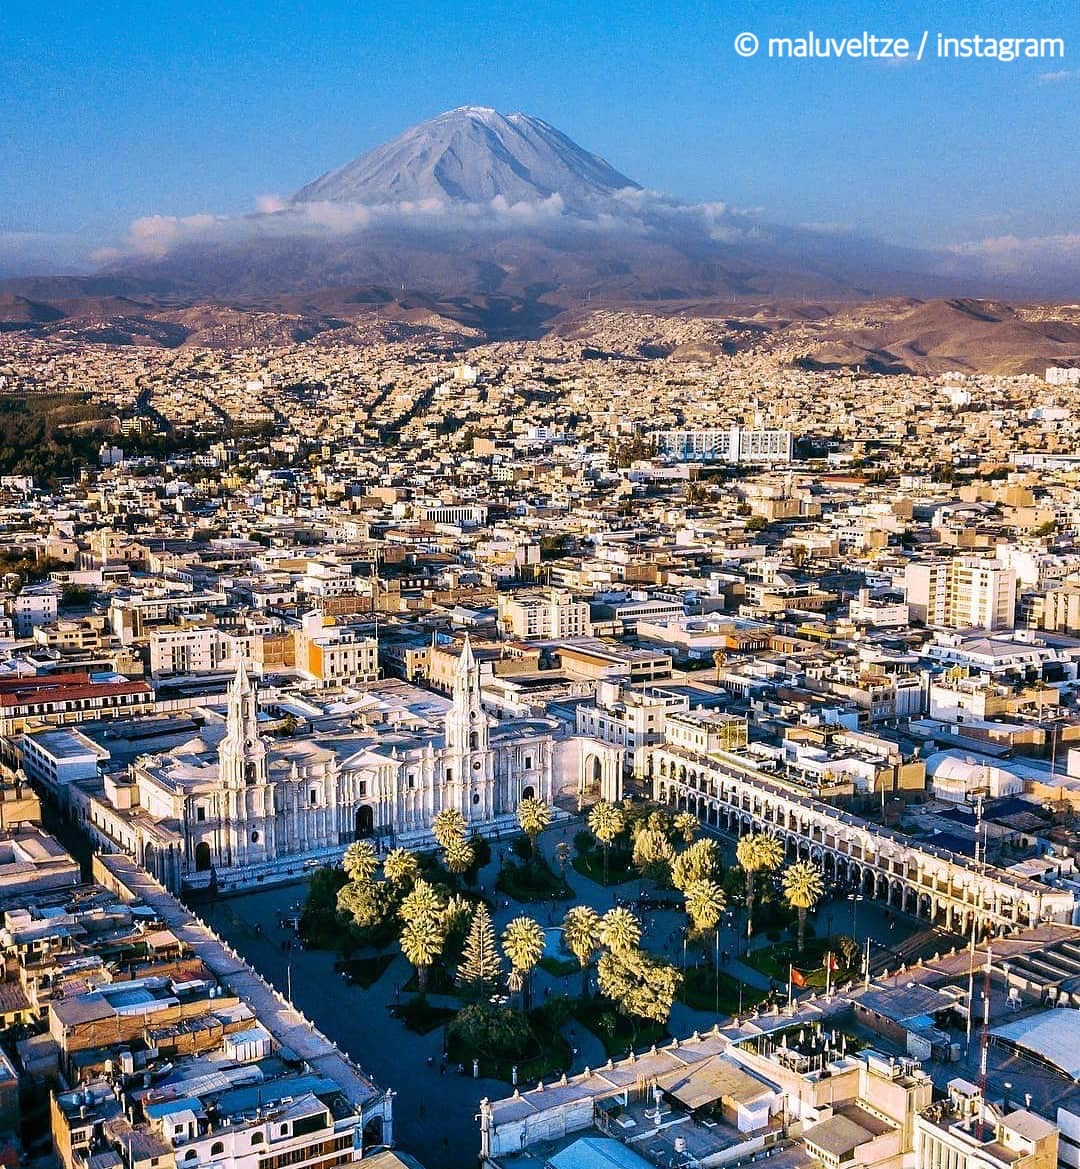 「#白い街 」#アレキパ。 街の建物がシラーと呼ばれる白い火山岩で作られているので街全体が白に統一されています。また、アレキパは「#美食の街 」としても有名ですよ。  #Peru #ペルー #意外性大国ペルー #建築  #旅 #おうち旅行 #エア旅行 #バケットリスト https://t.co/iqnjdJjmnE